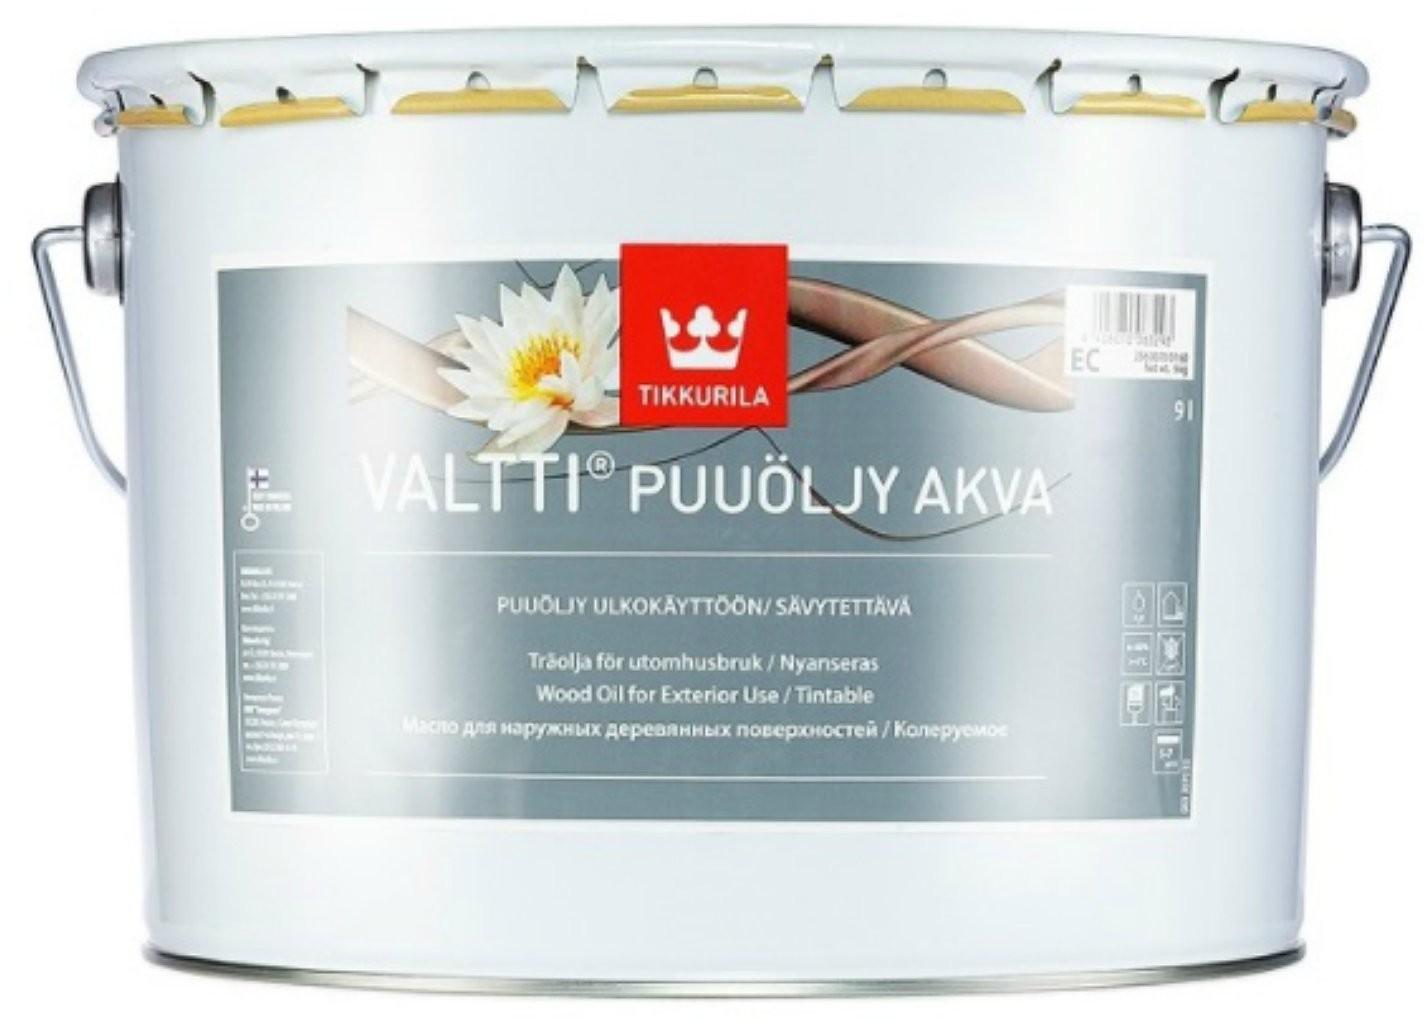 Tikkurila Valtti Wood Oil Akva- Honka 5072, 9l